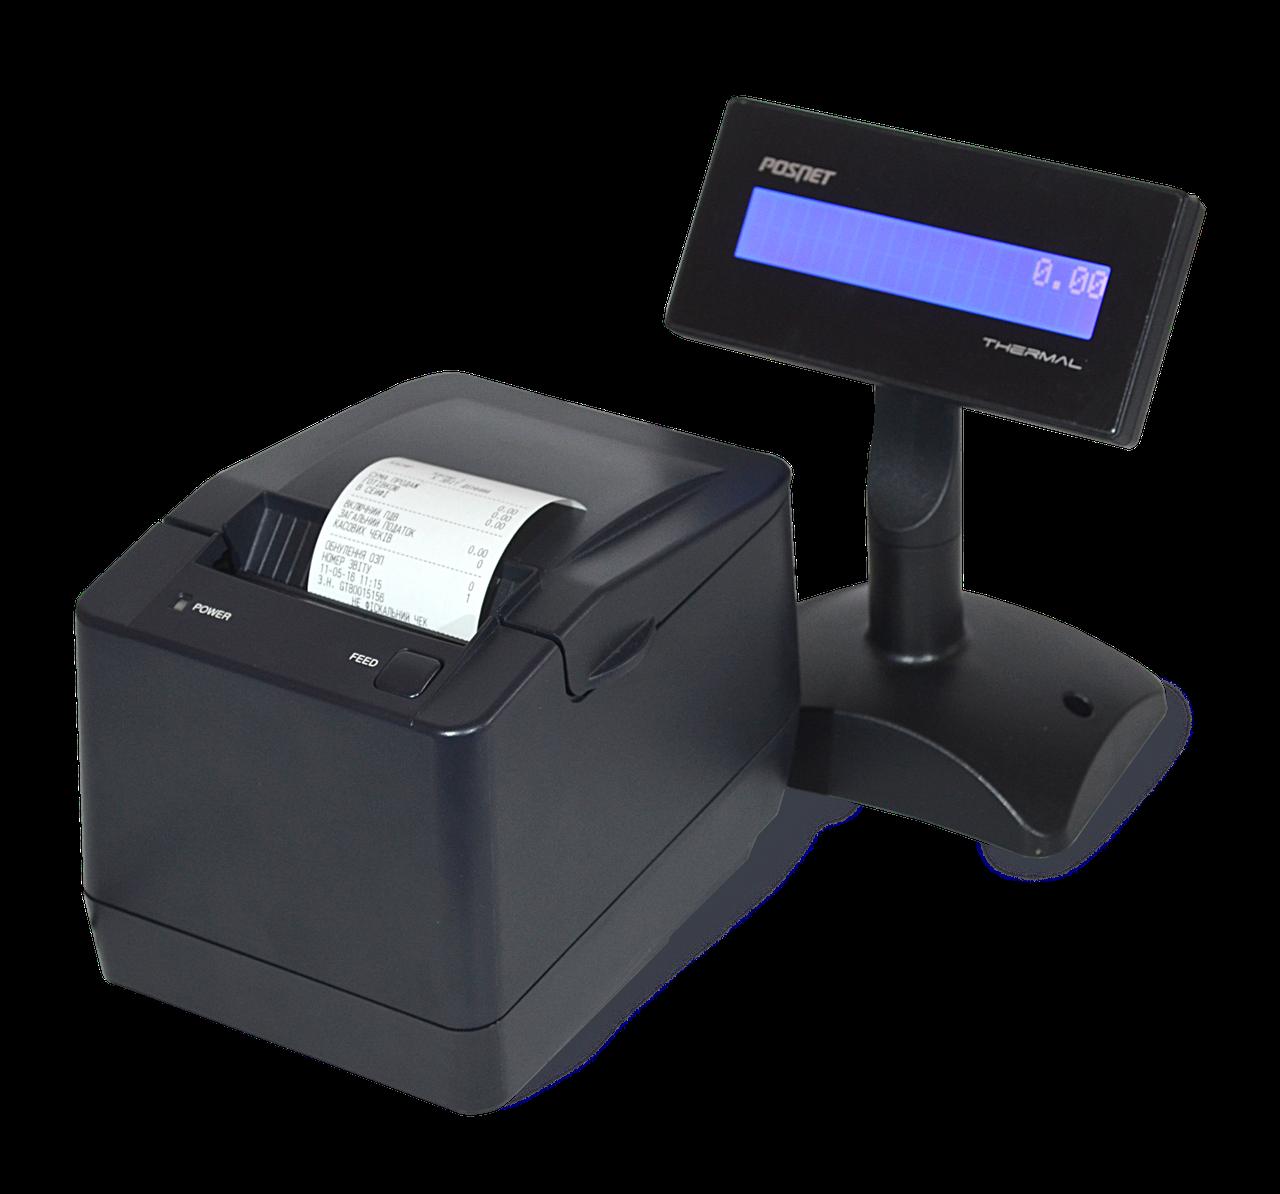 Фискальный регистратор MG T787TL (Фискальный регистратор+блок питания+дисплей покупателя)